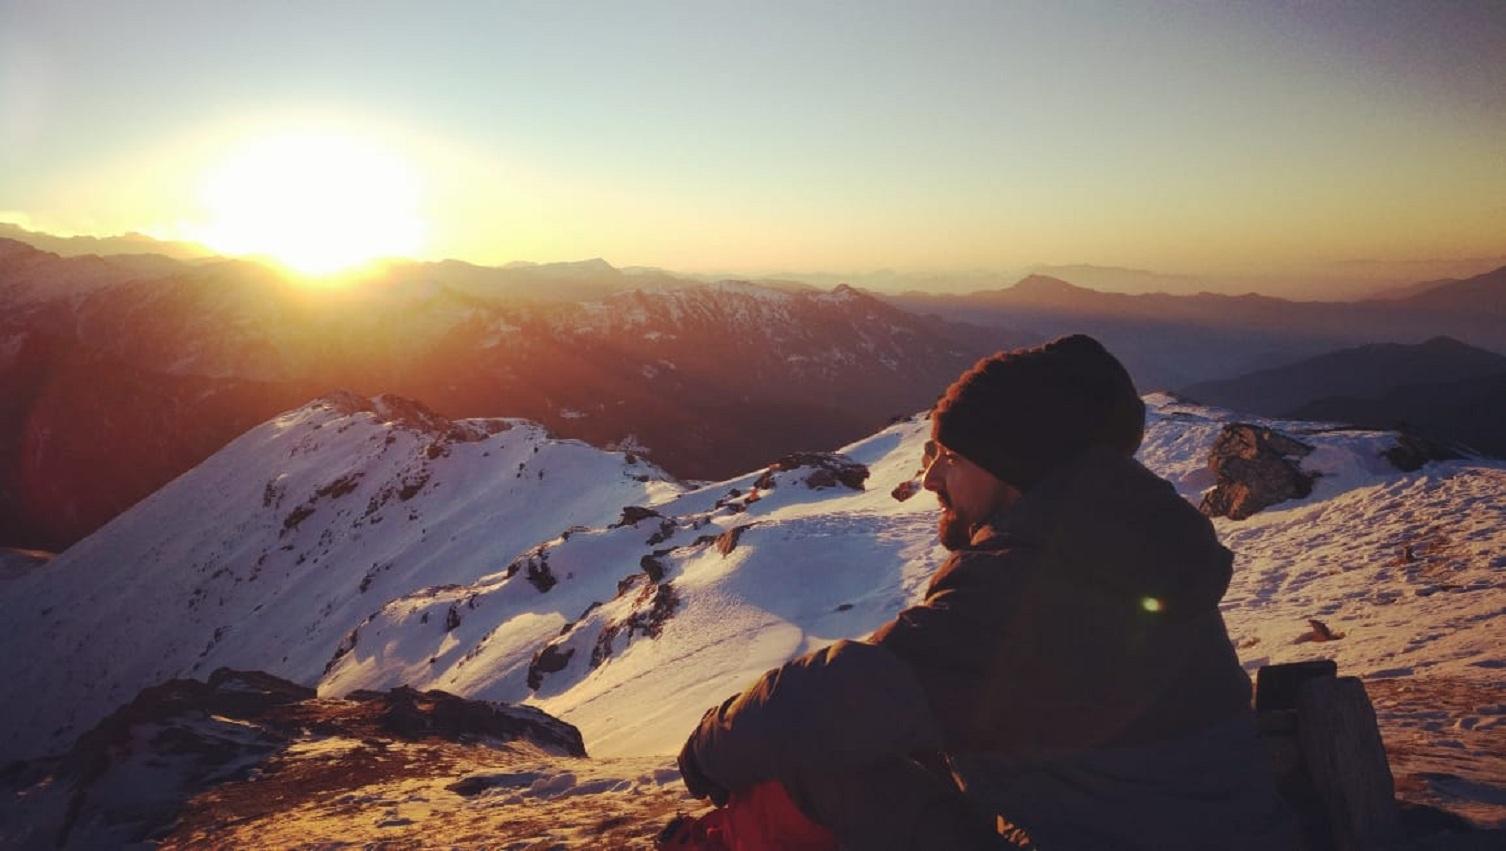 Sunrise at kedarkantha peak